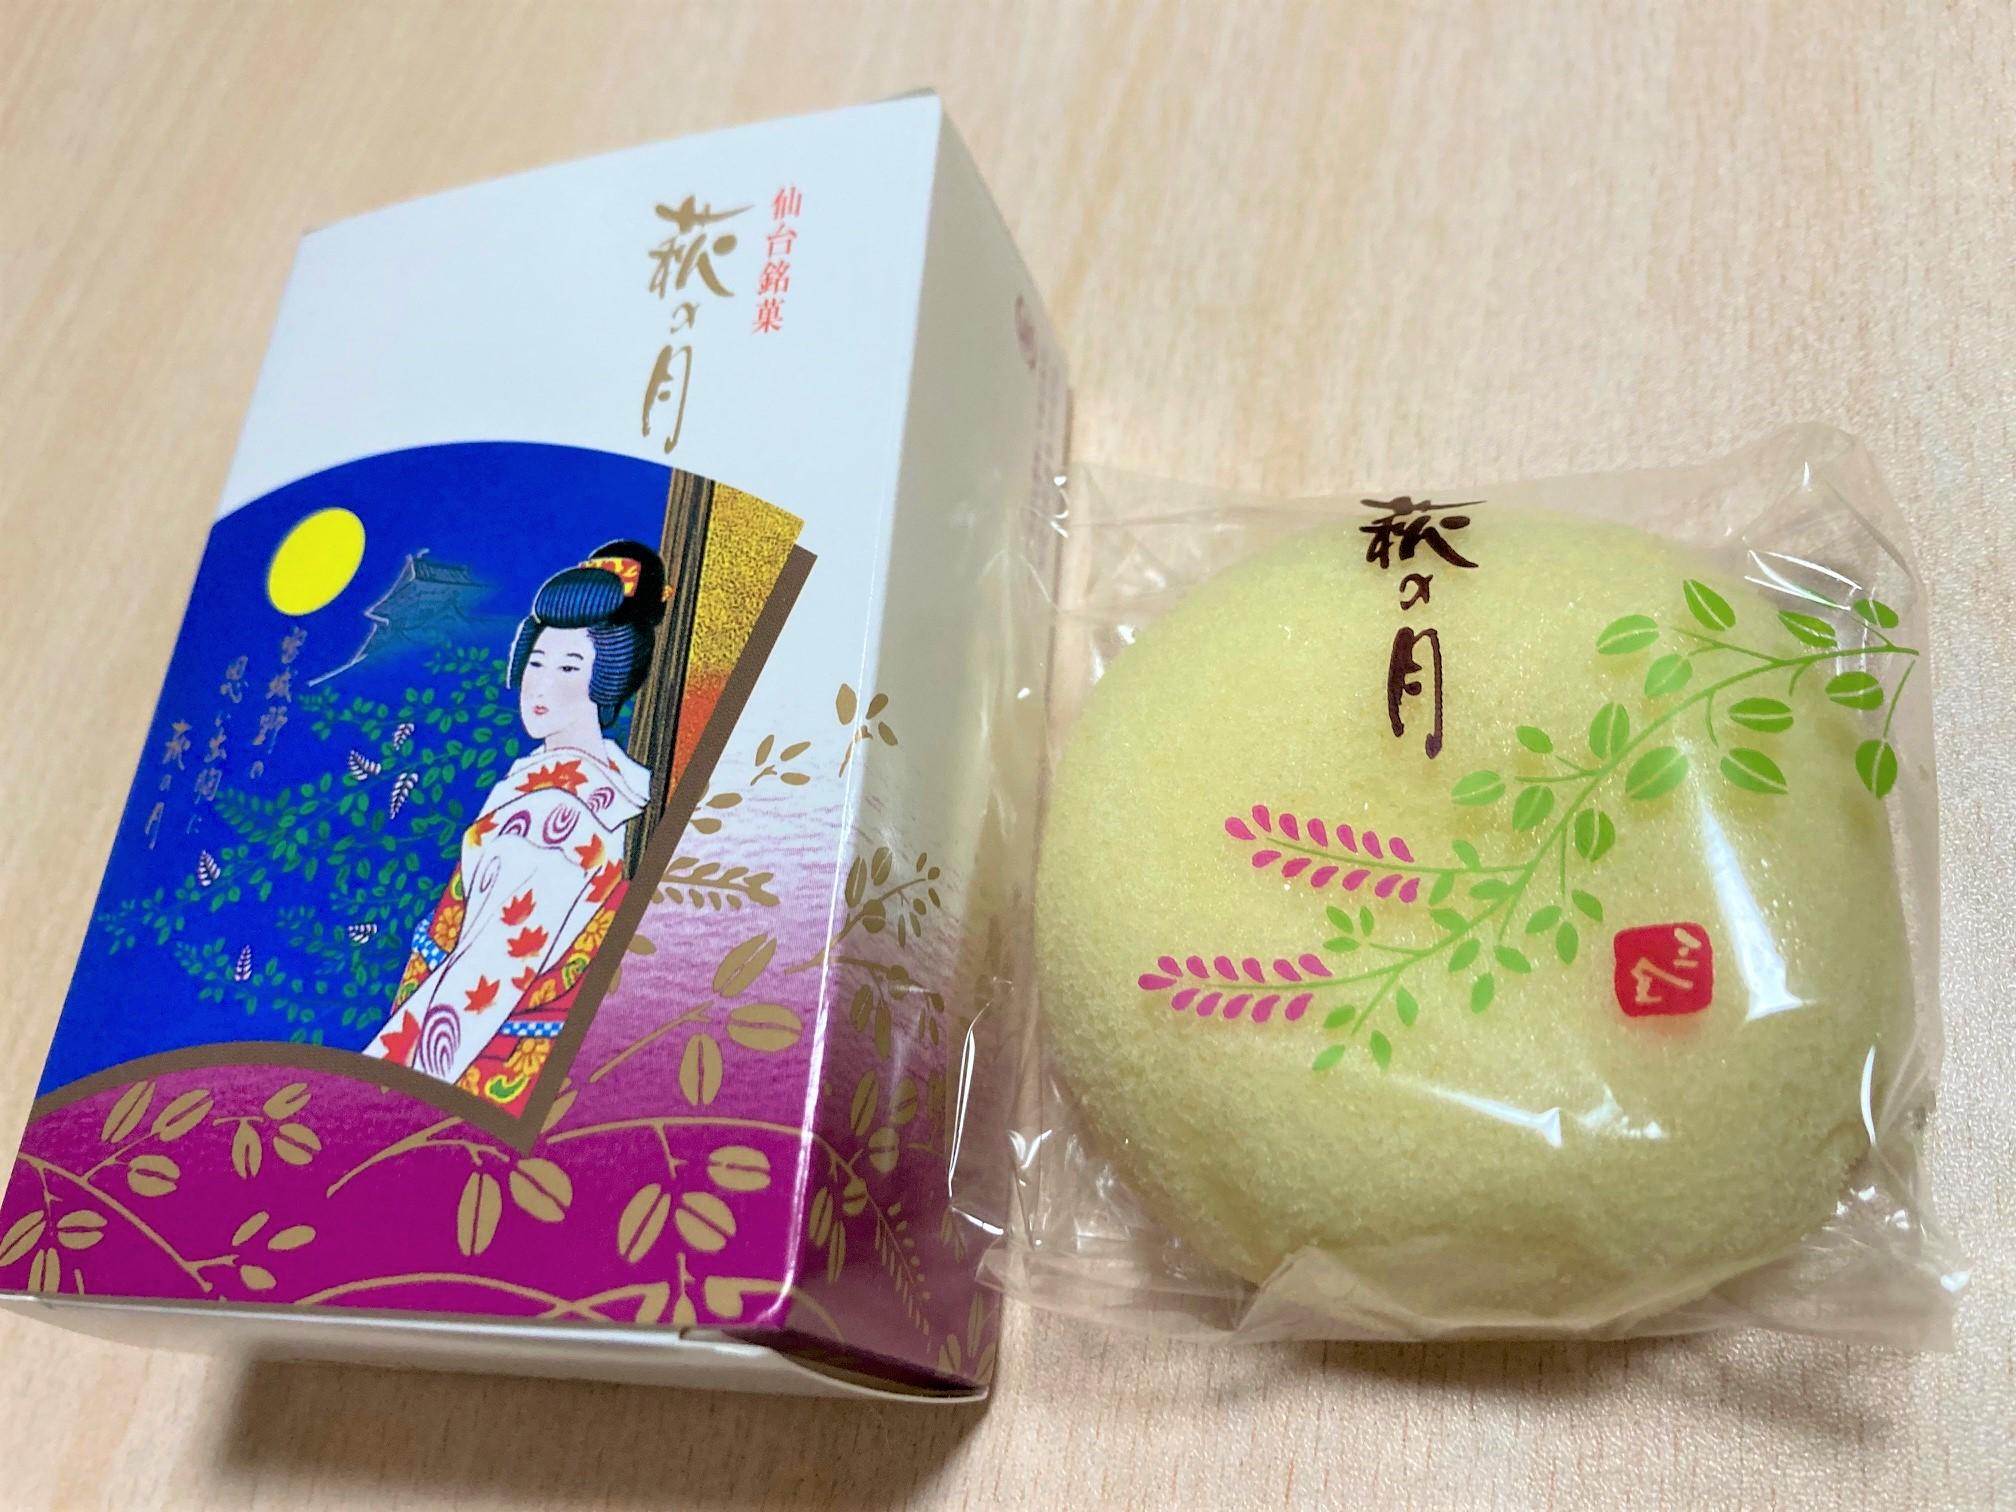 萩の月 ダイハツ専門店 Dフォーラム スタッフブログ